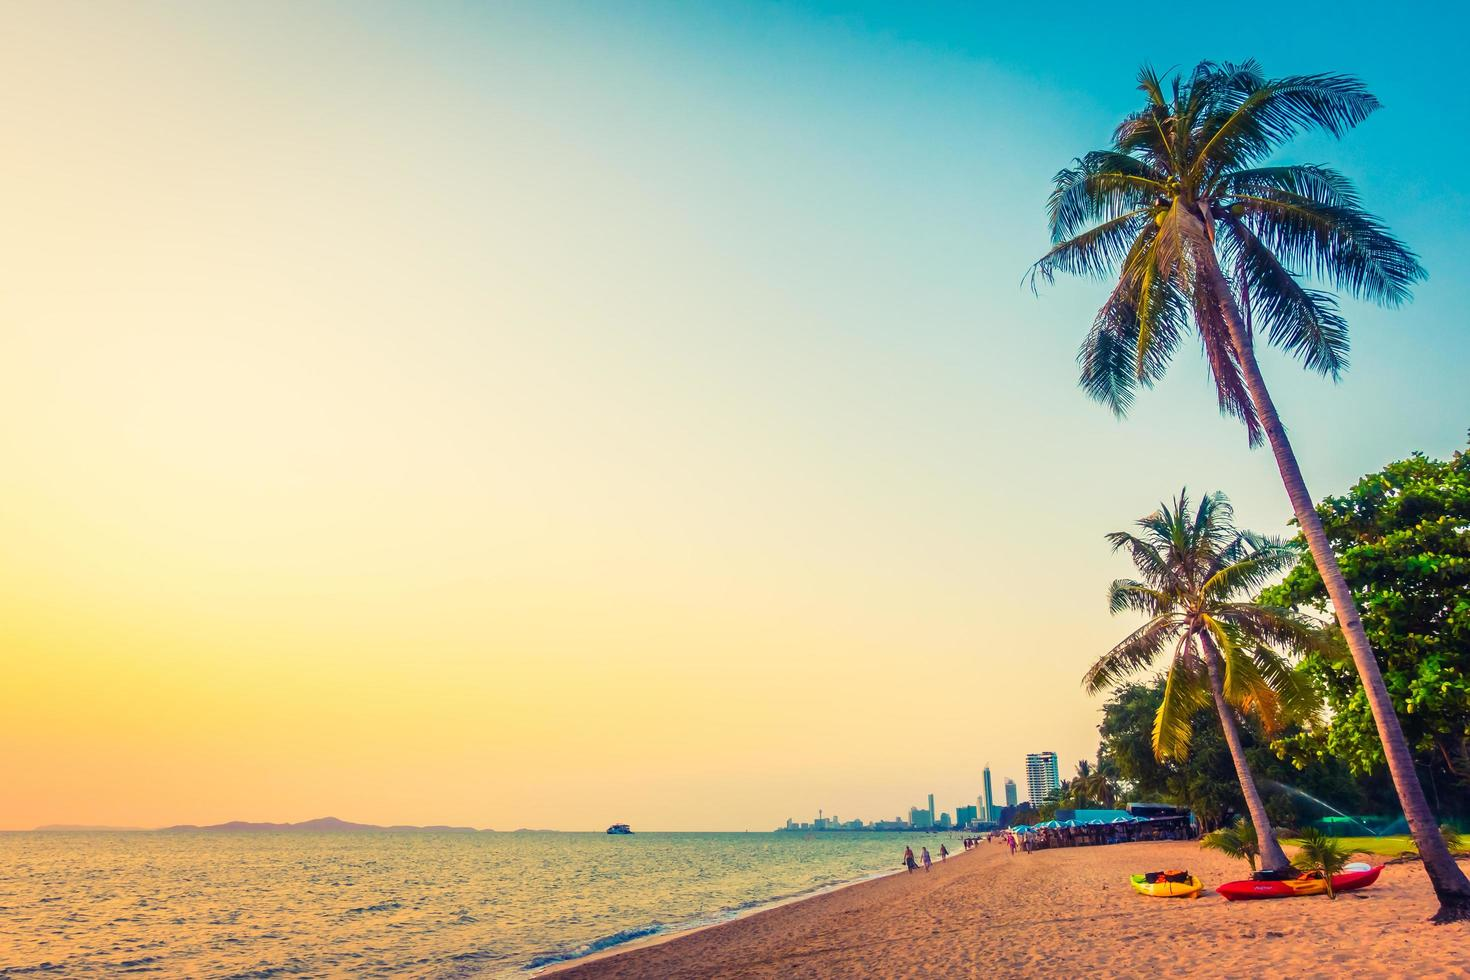 palmträd på stranden foto